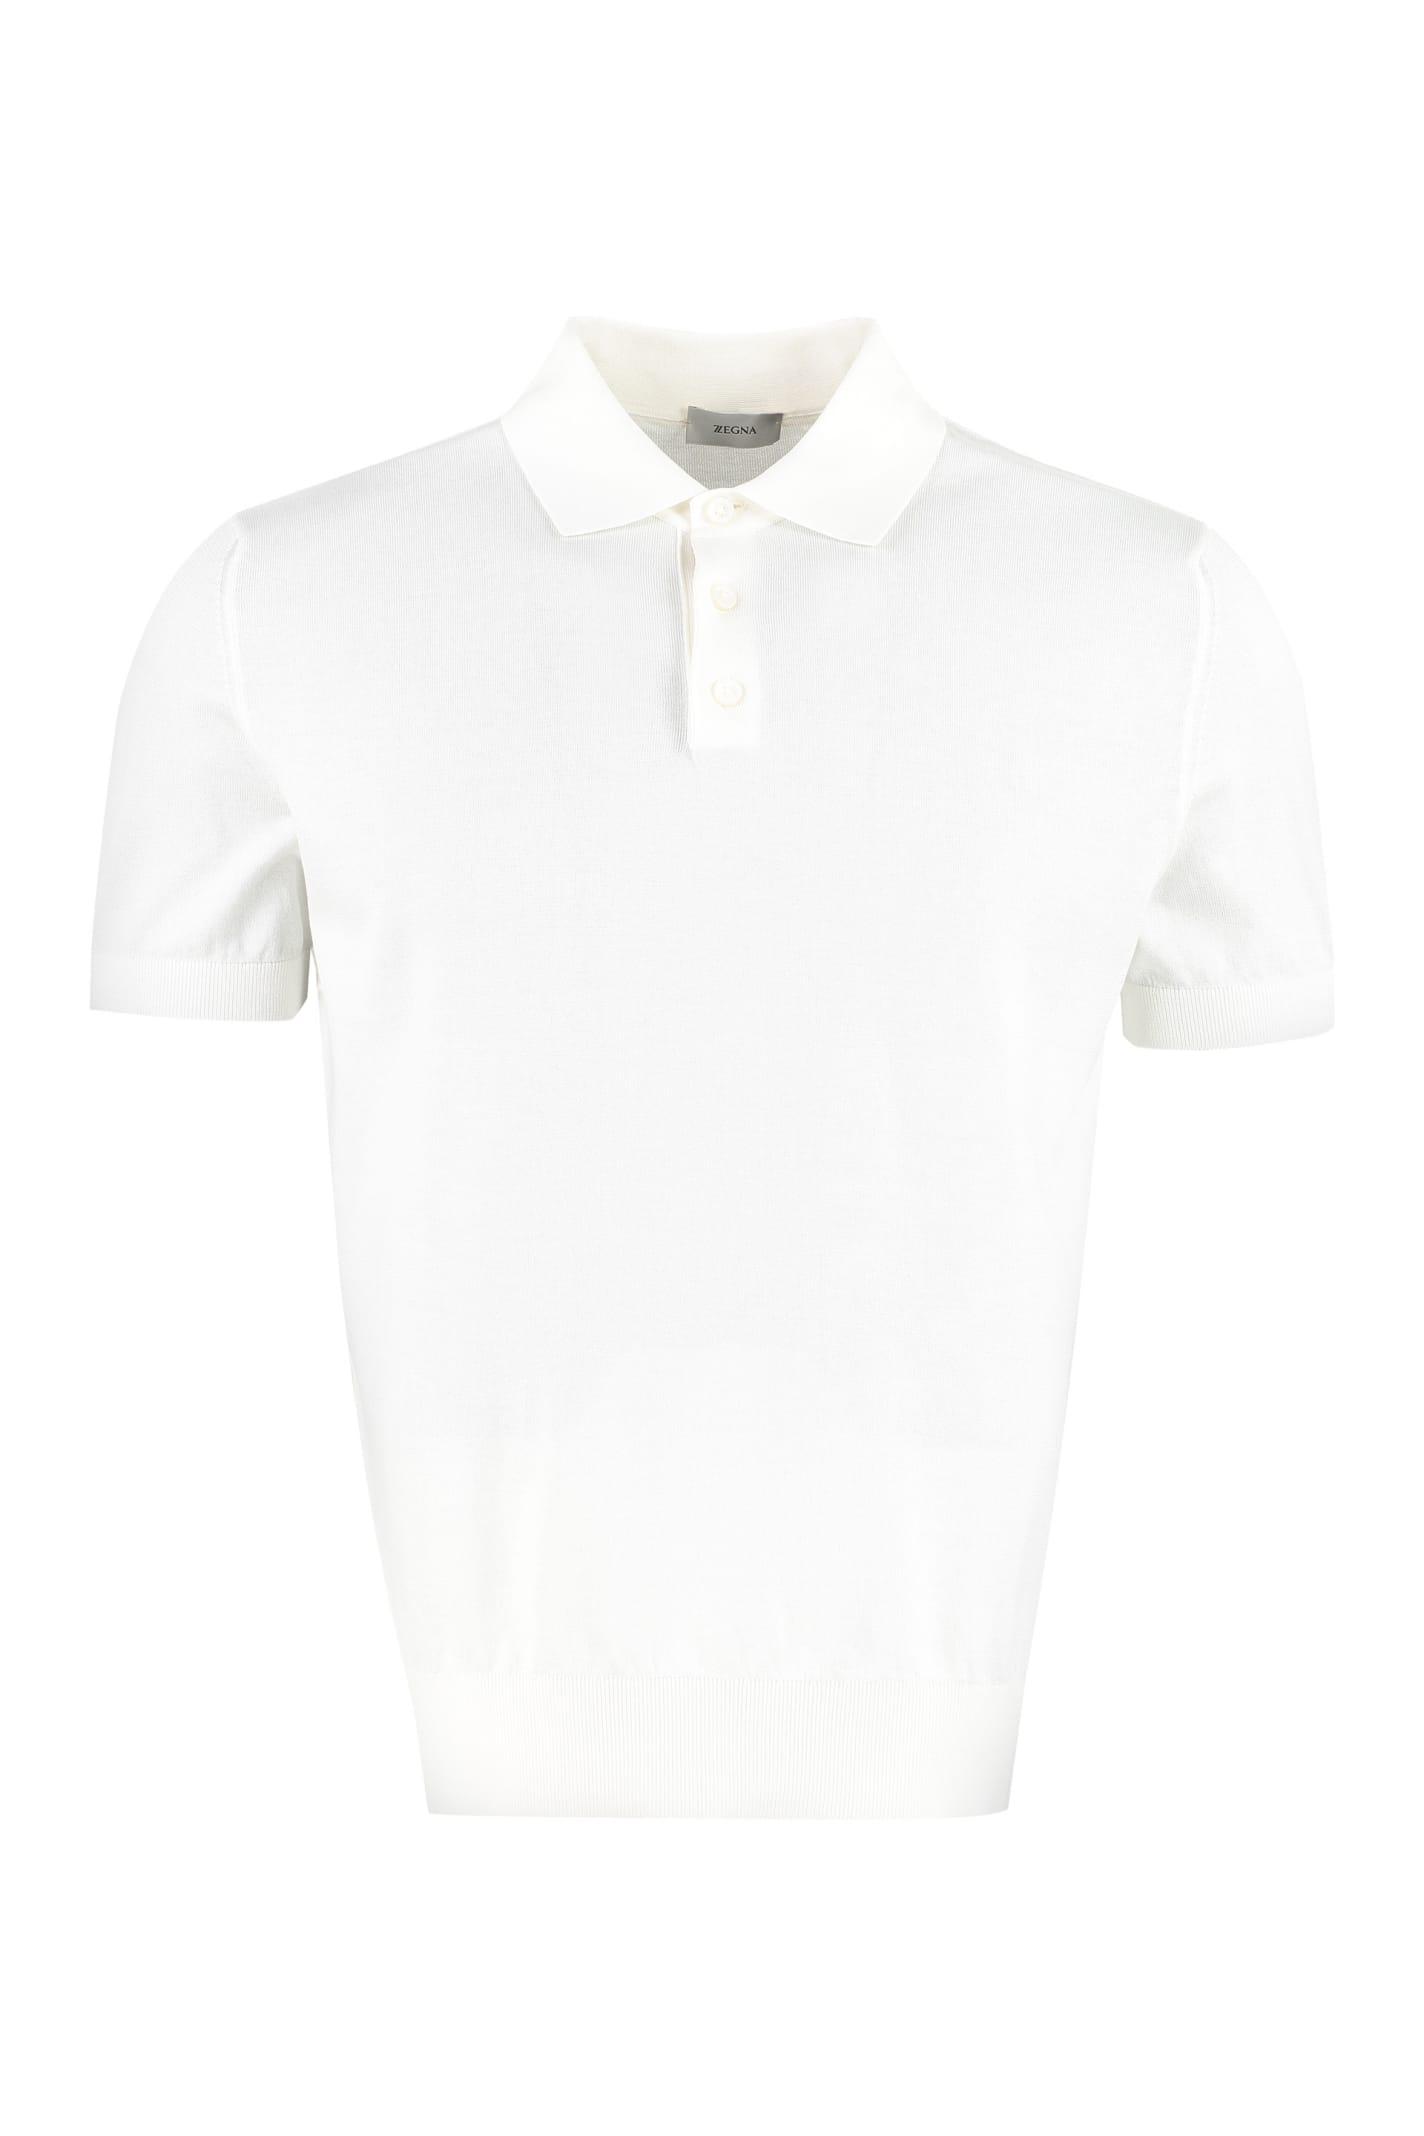 Z Zegna Cotton Knit Polo Shirt